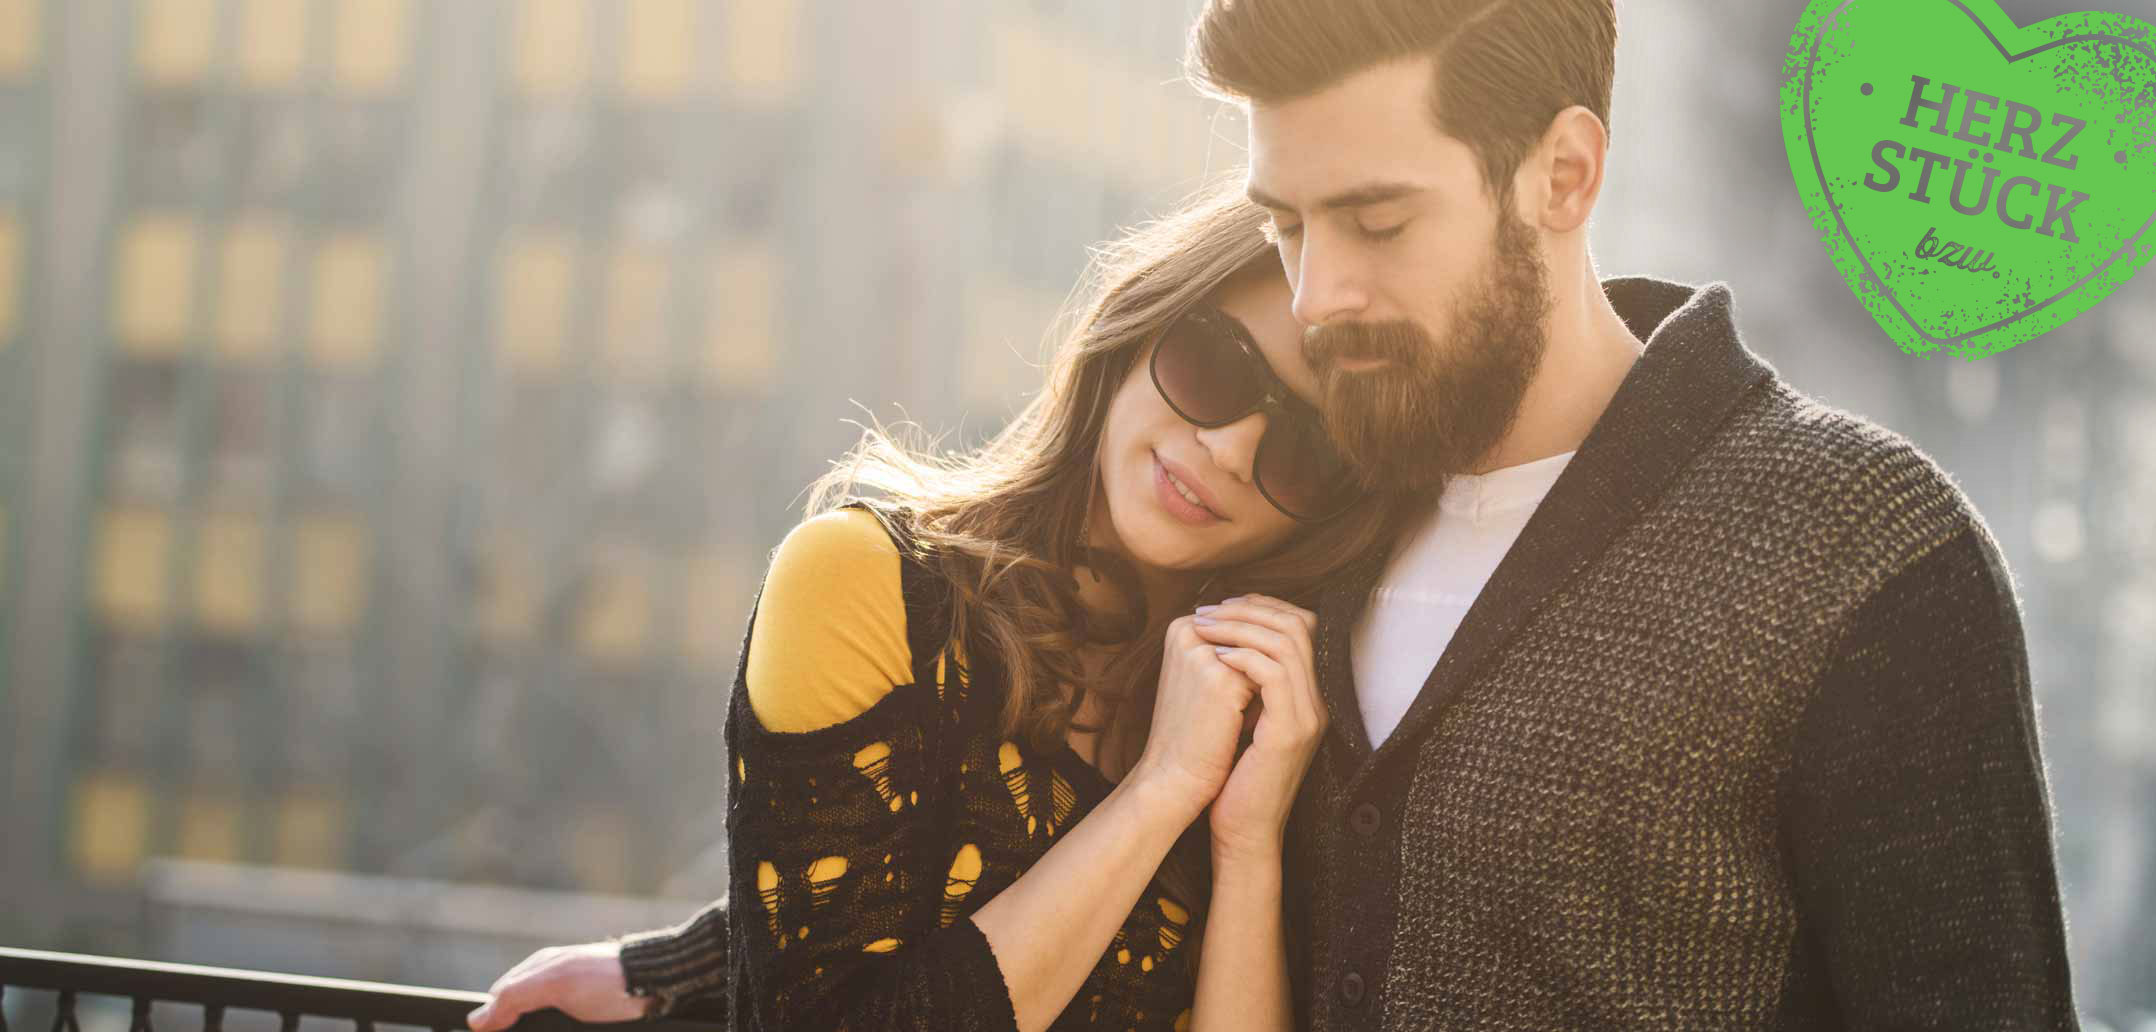 Warum Beziehungen scheitern